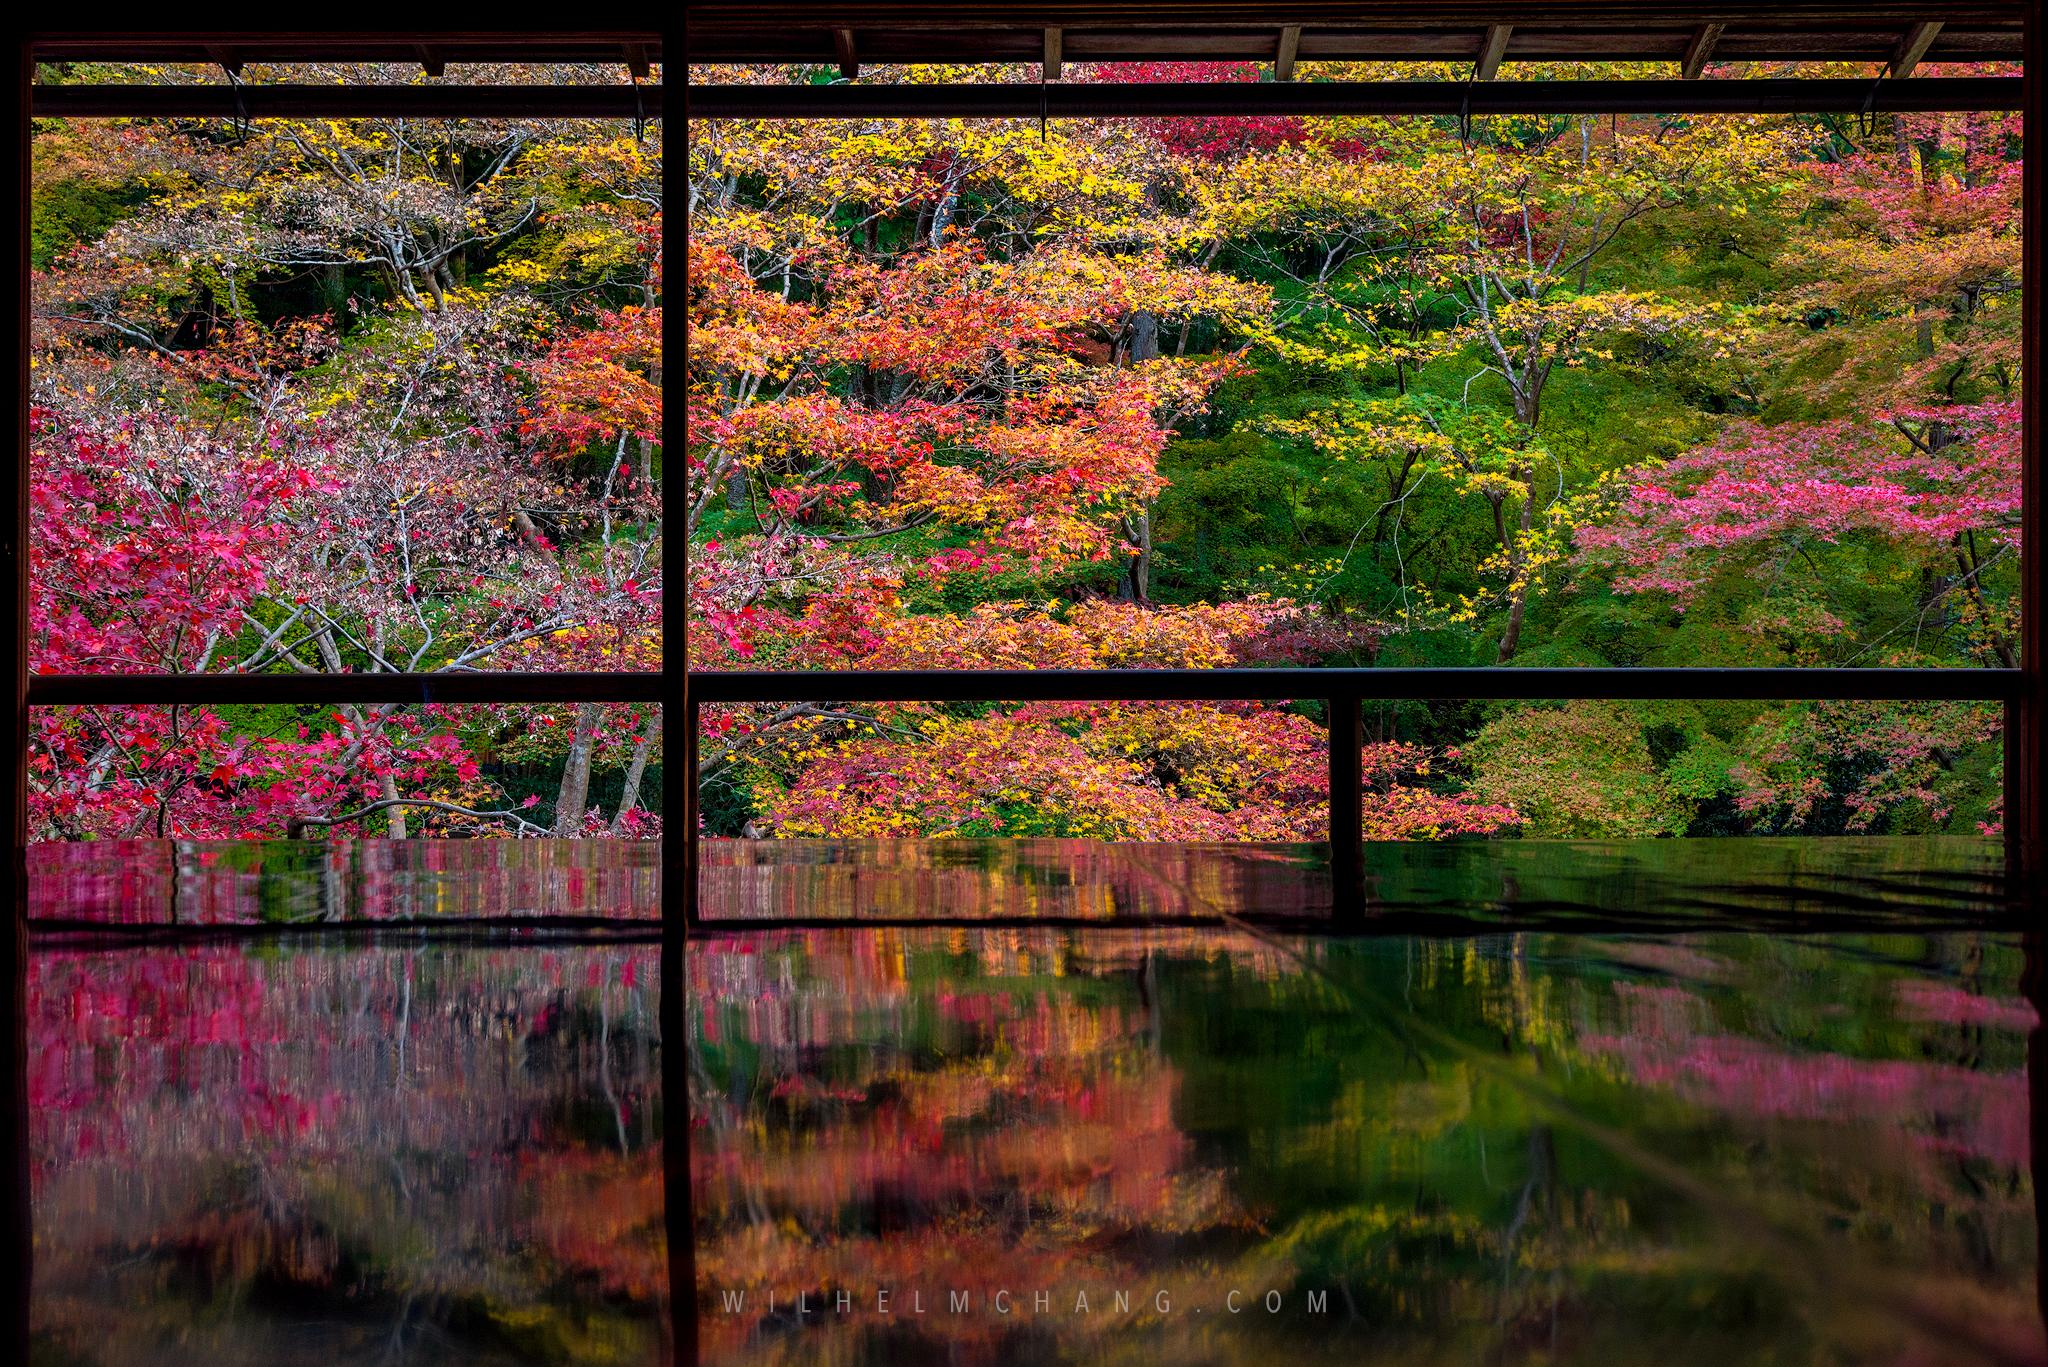 到京都攝影 賞楓特輯(一) 絕美三千院 寶泉院 琉璃光院 by Wilhelm Chang